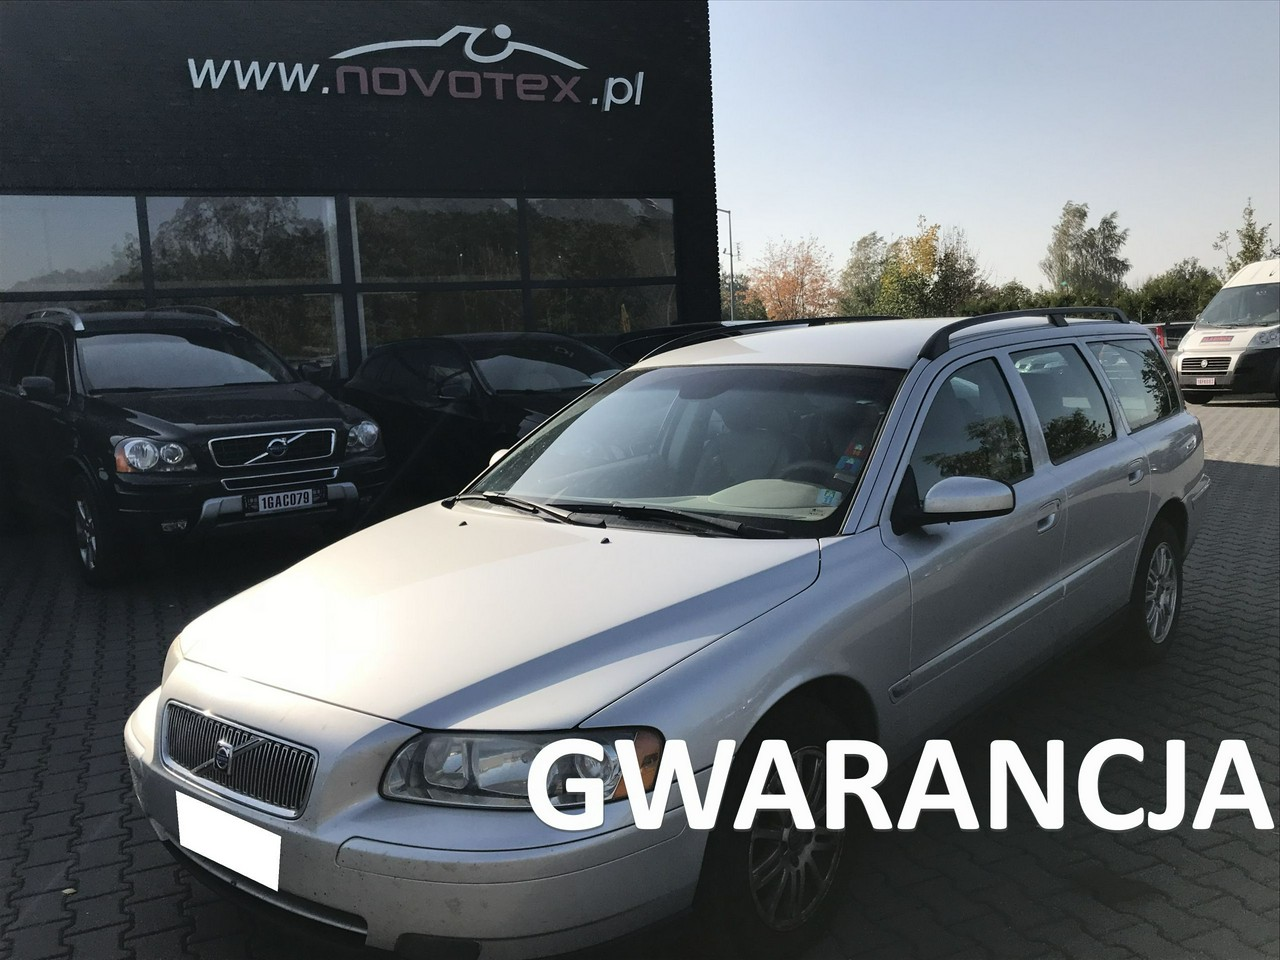 Volvo V70 2.4D*Momentum*skóra*ALU*serwis w ASO*Gwarancja VIP Service